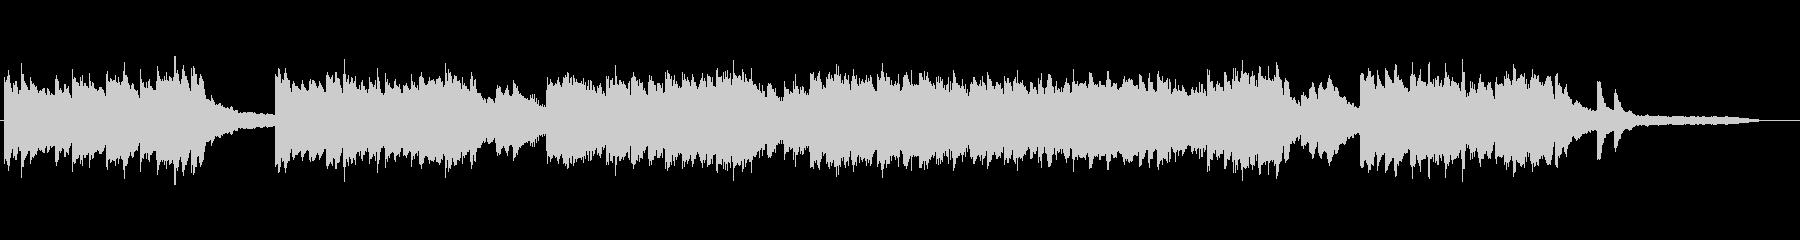 映像を彩る1分間のピアノ・ソロ曲の未再生の波形